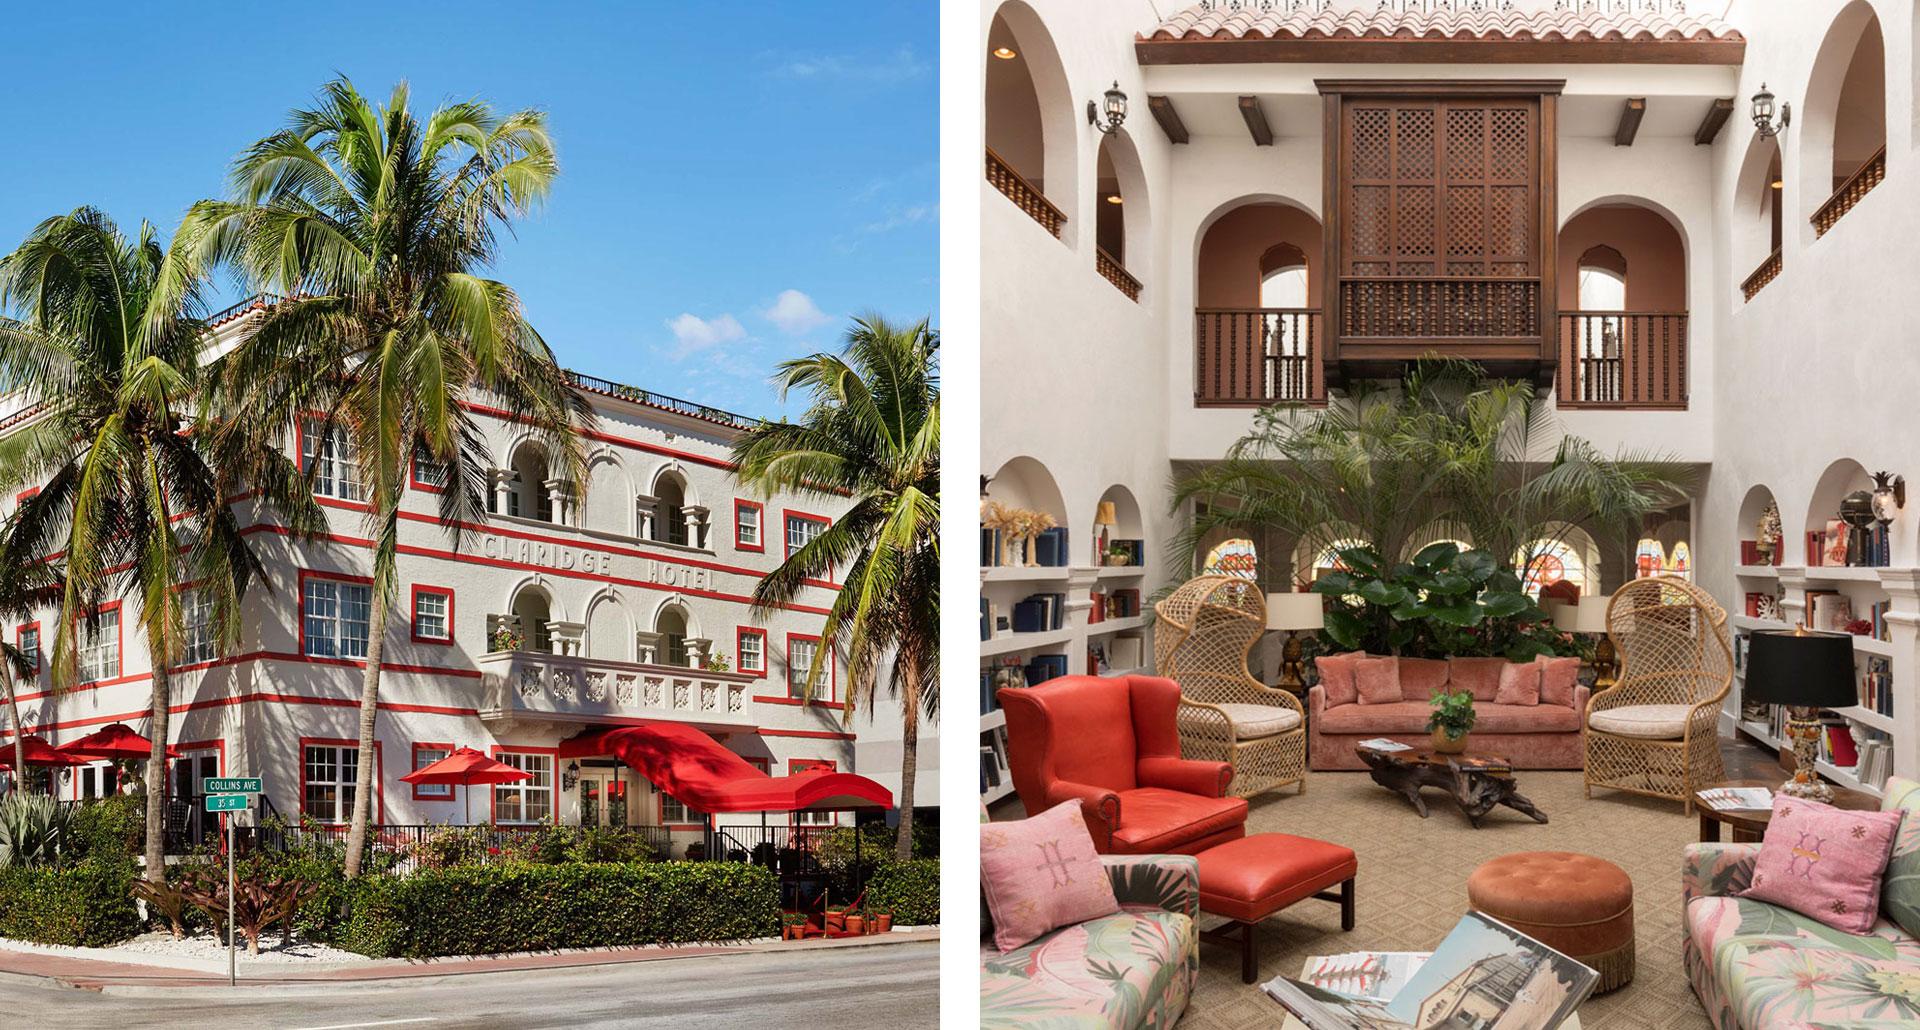 Casa Faena - boutique hotel in Miami